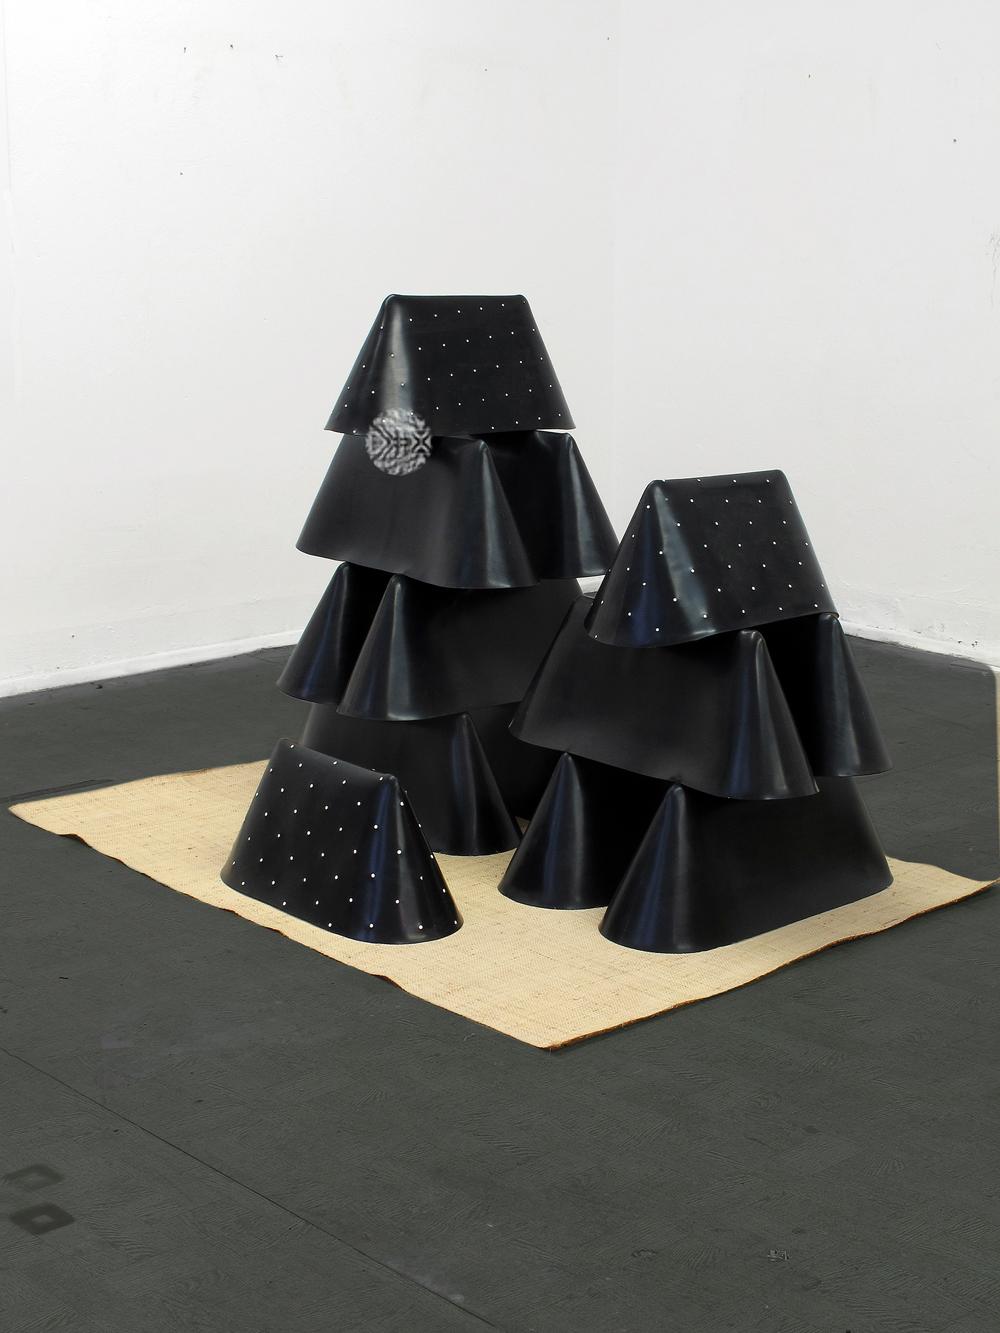 Bazar, 2013, rubber, bass, 120 x 140 x 100 cm